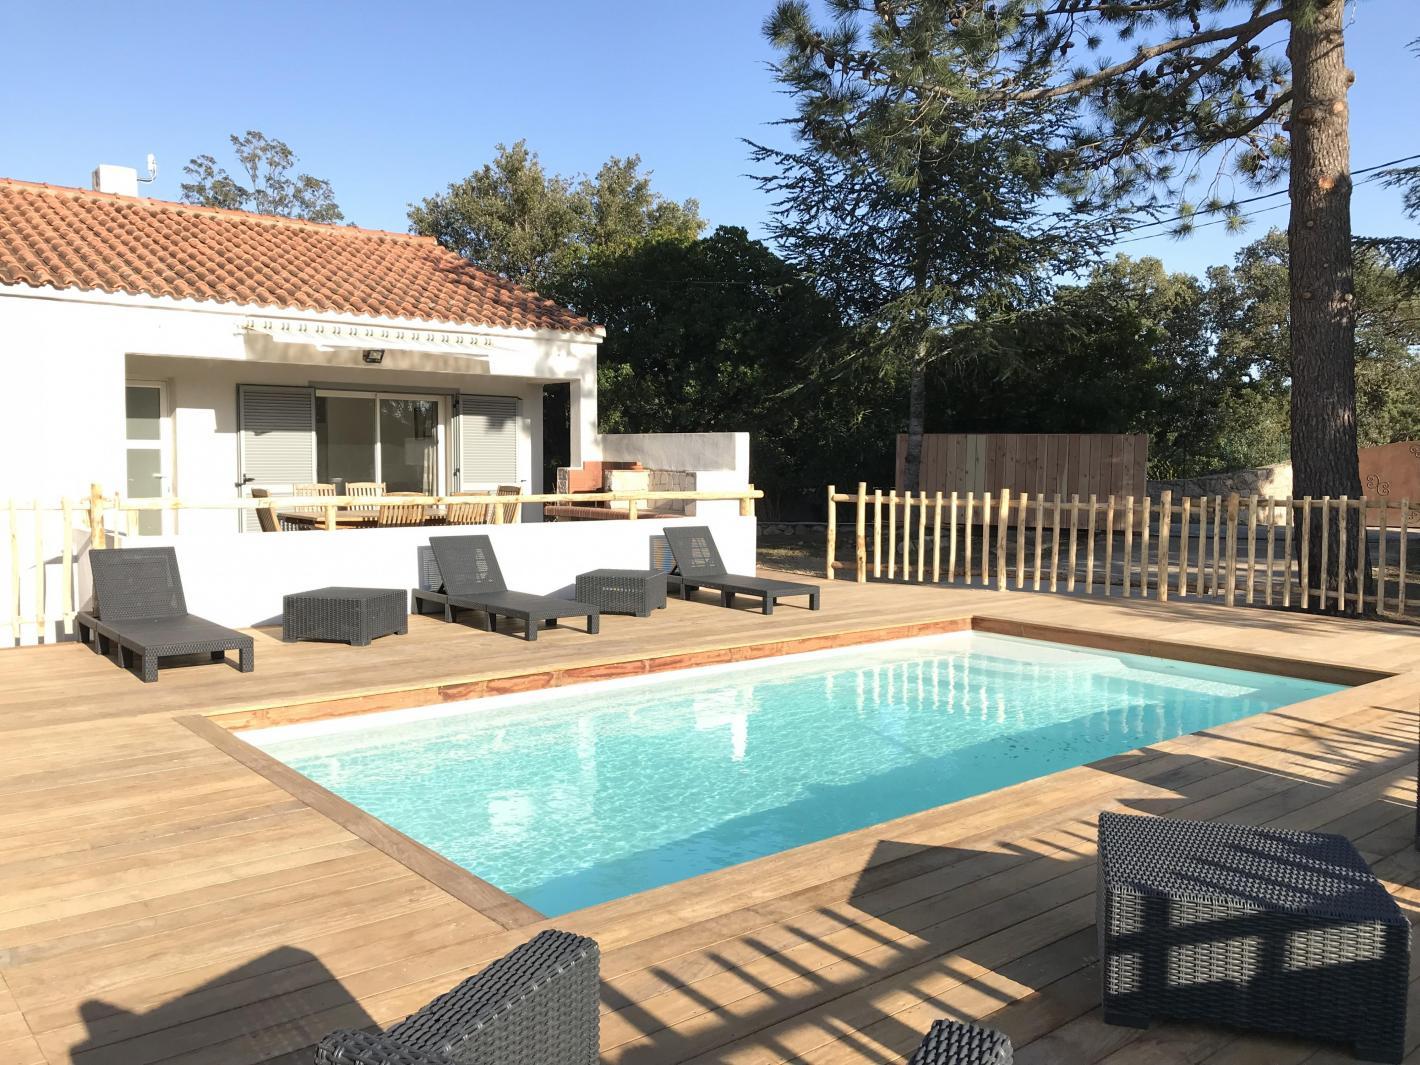 Villa lecci piscine priv e chauff e plage saint cyprien - Location maison piscine porto vecchio ...